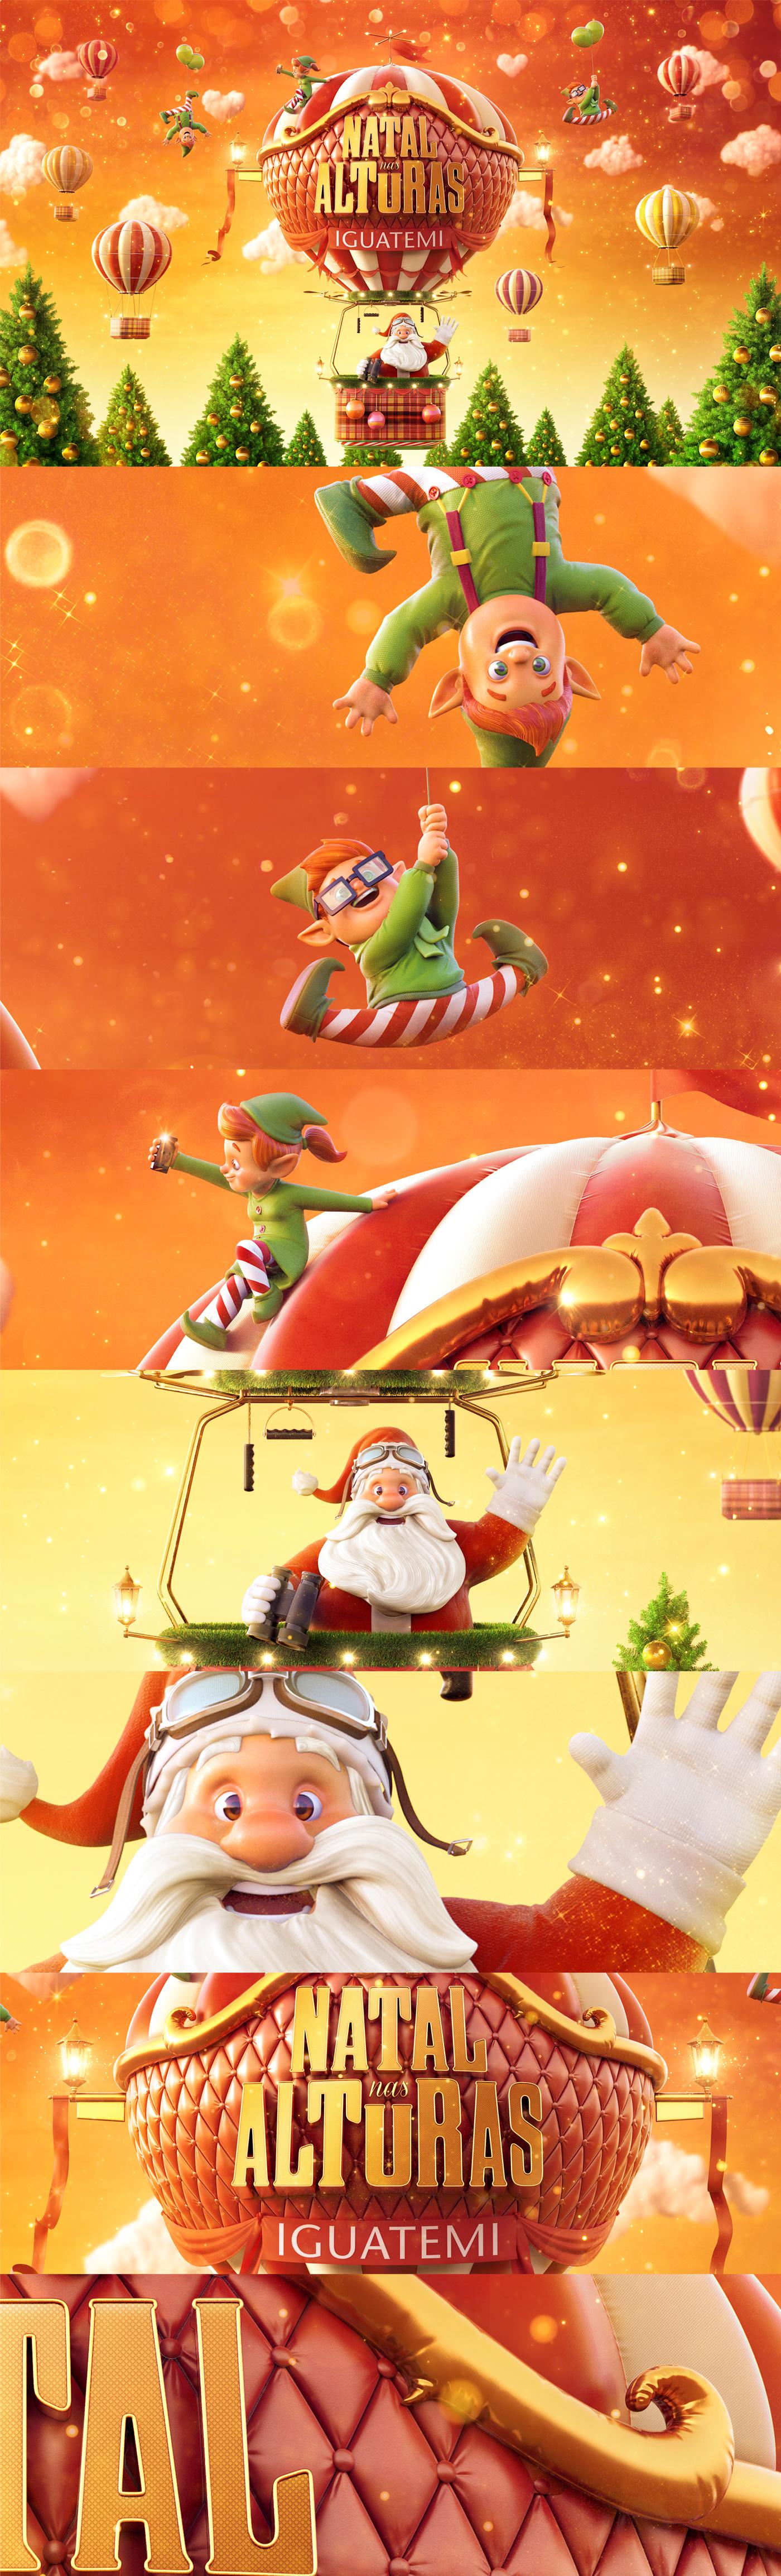 精緻的19套聖誕節插圖欣賞